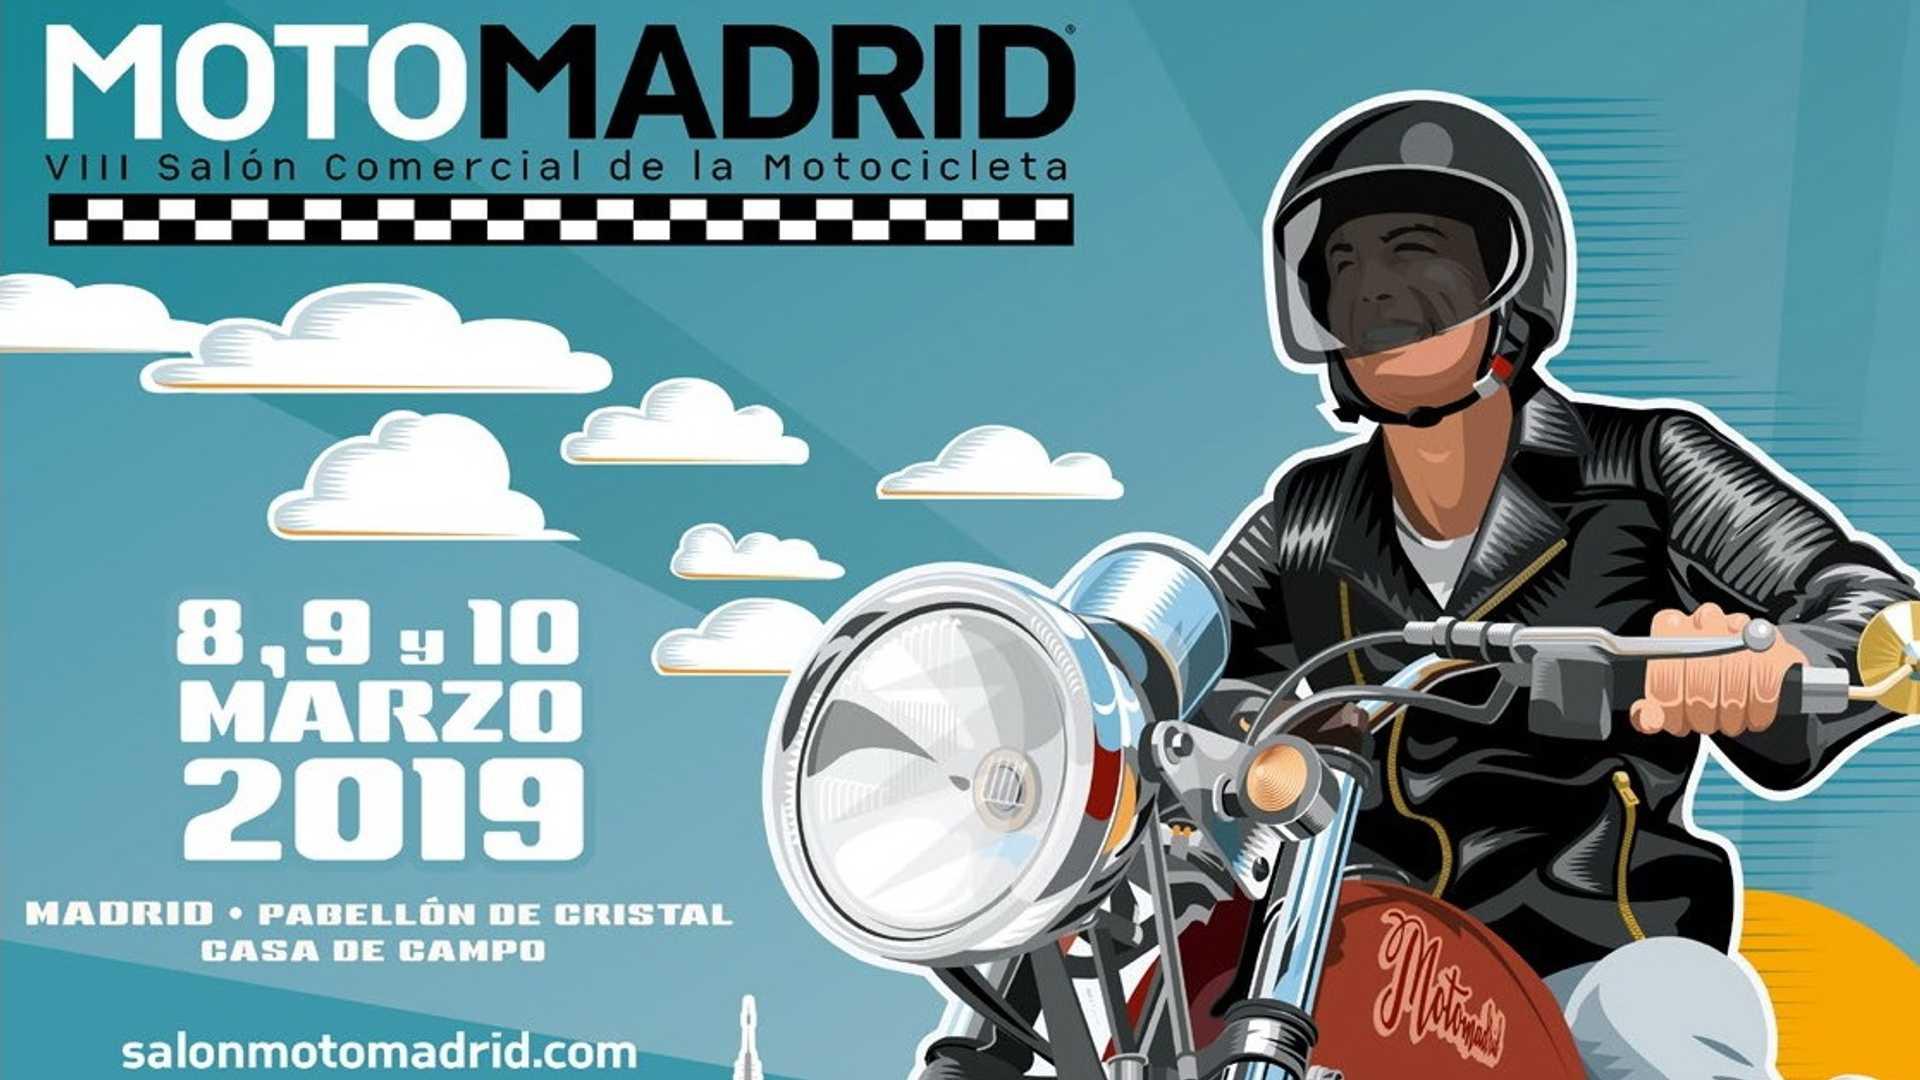 Concentraciones moteras y eventos marzo 2019 motomadrid